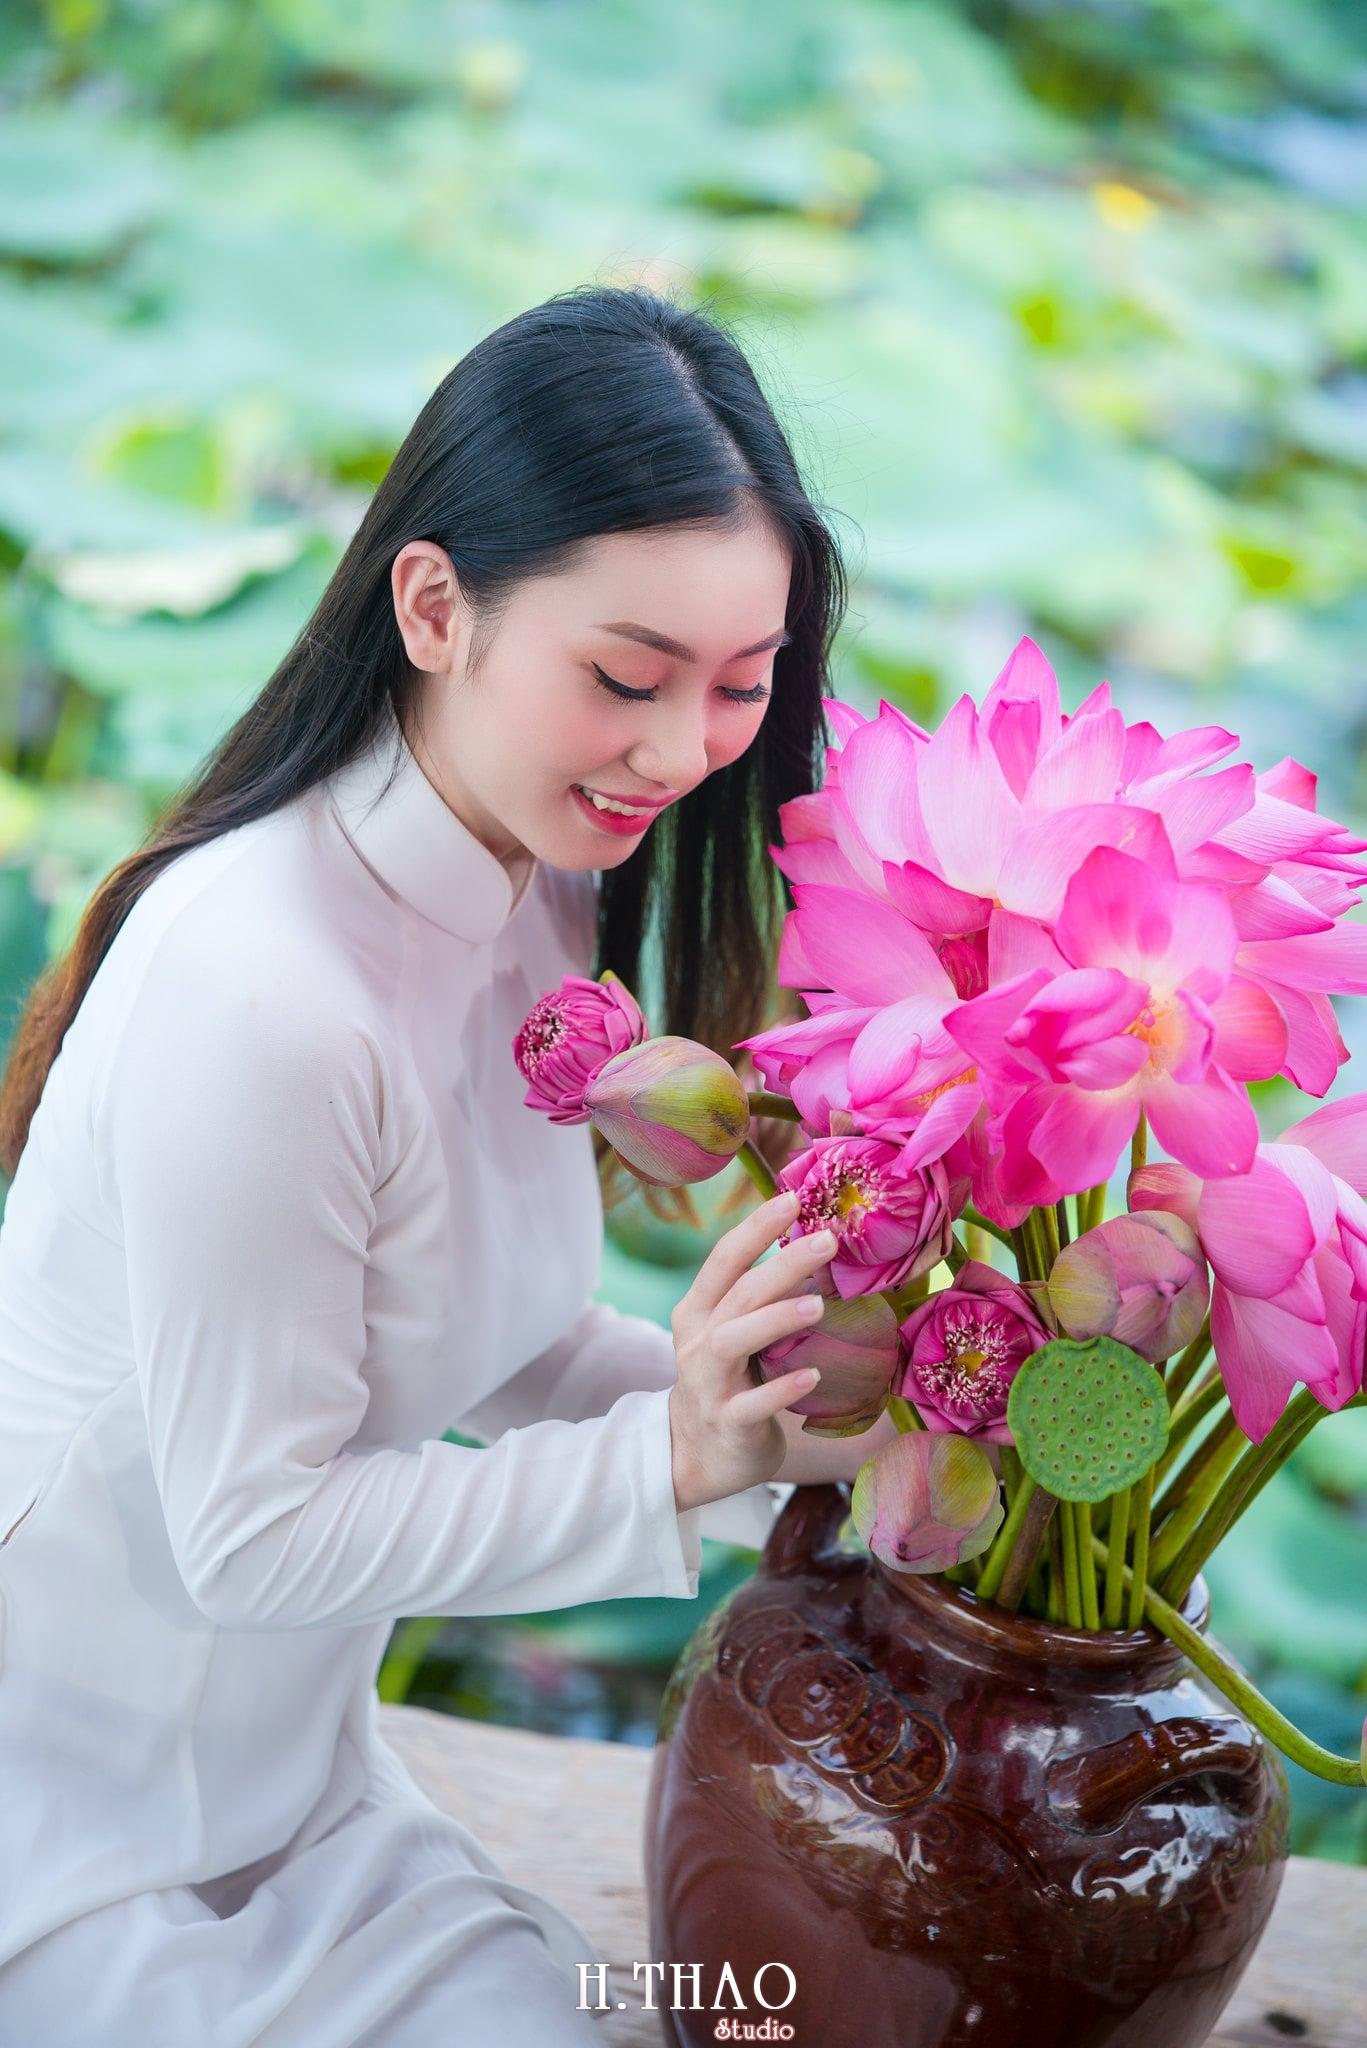 Chup hinh hoa sen 2 - Góc ảnh thiếu nữ bên hoa sen tam đa quận 9 tuyệt đẹp - HThao Studio